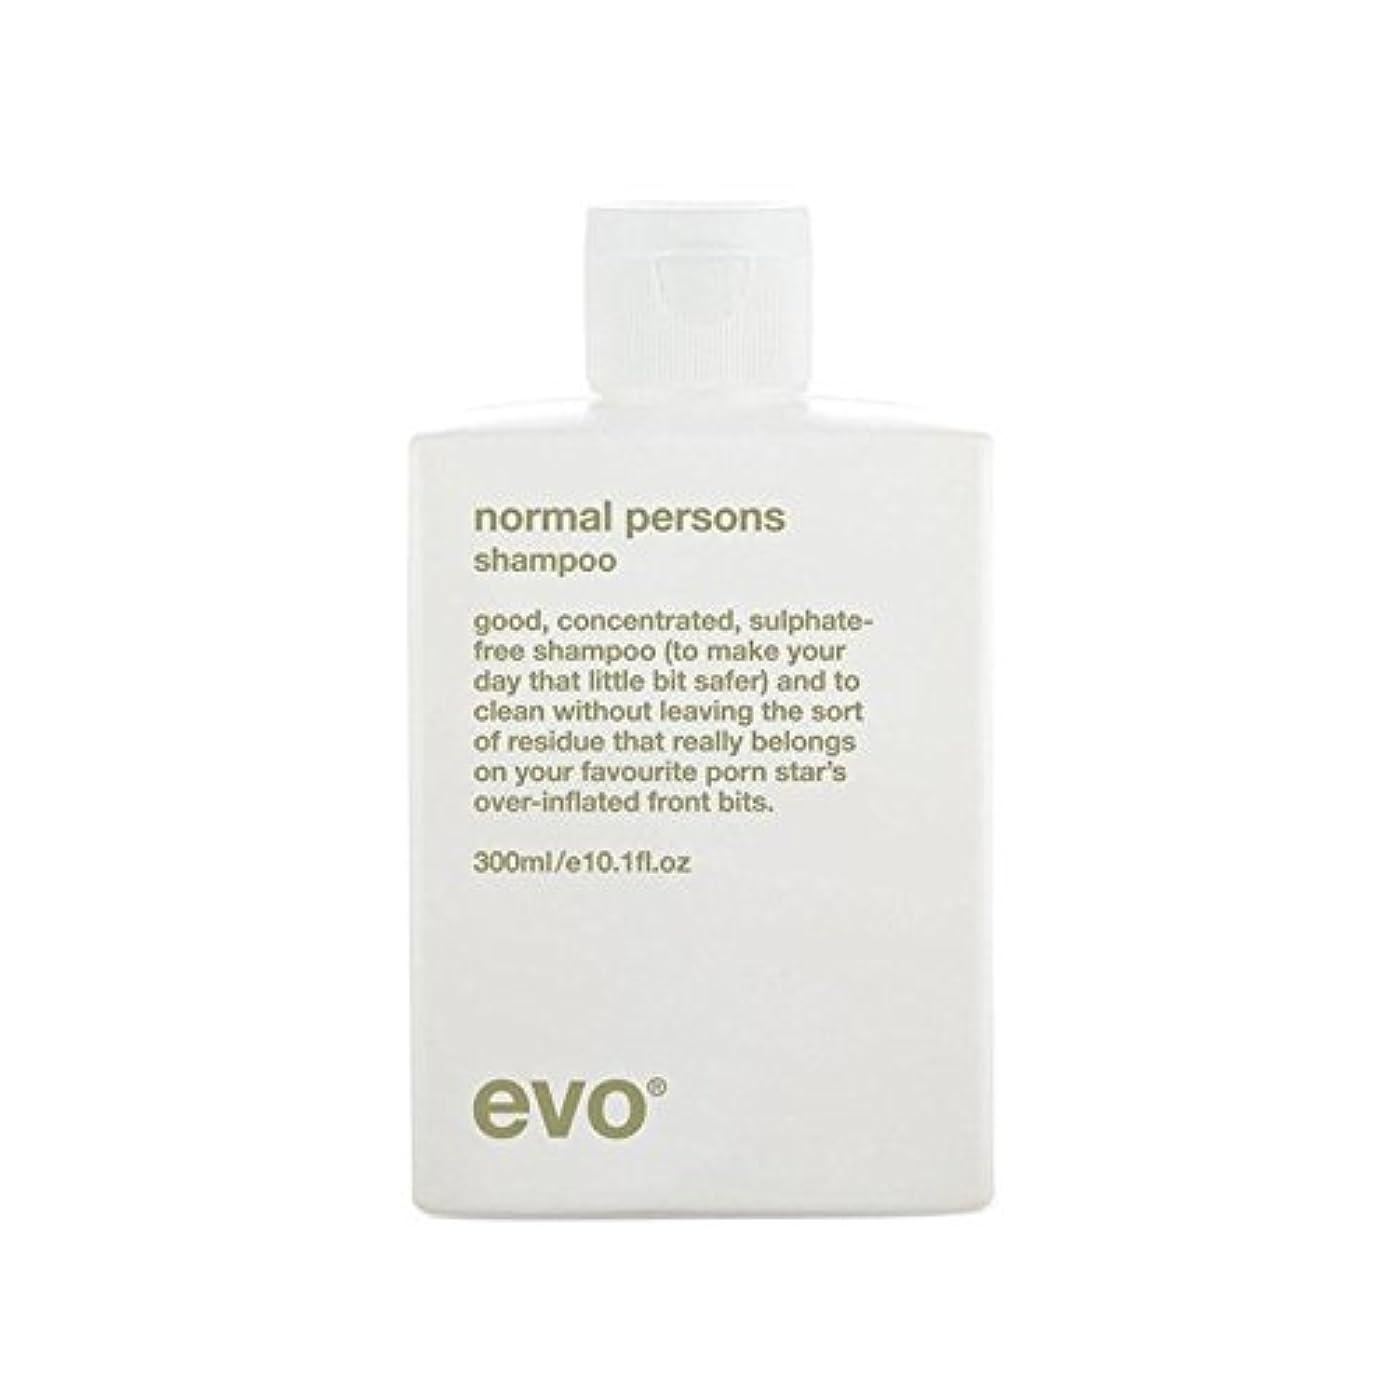 フェッチ必要条件プロポーショナルEvo Normal Persons Shampoo (300ml) (Pack of 6) - エボ正常人シャンプー(300ミリリットル) x6 [並行輸入品]